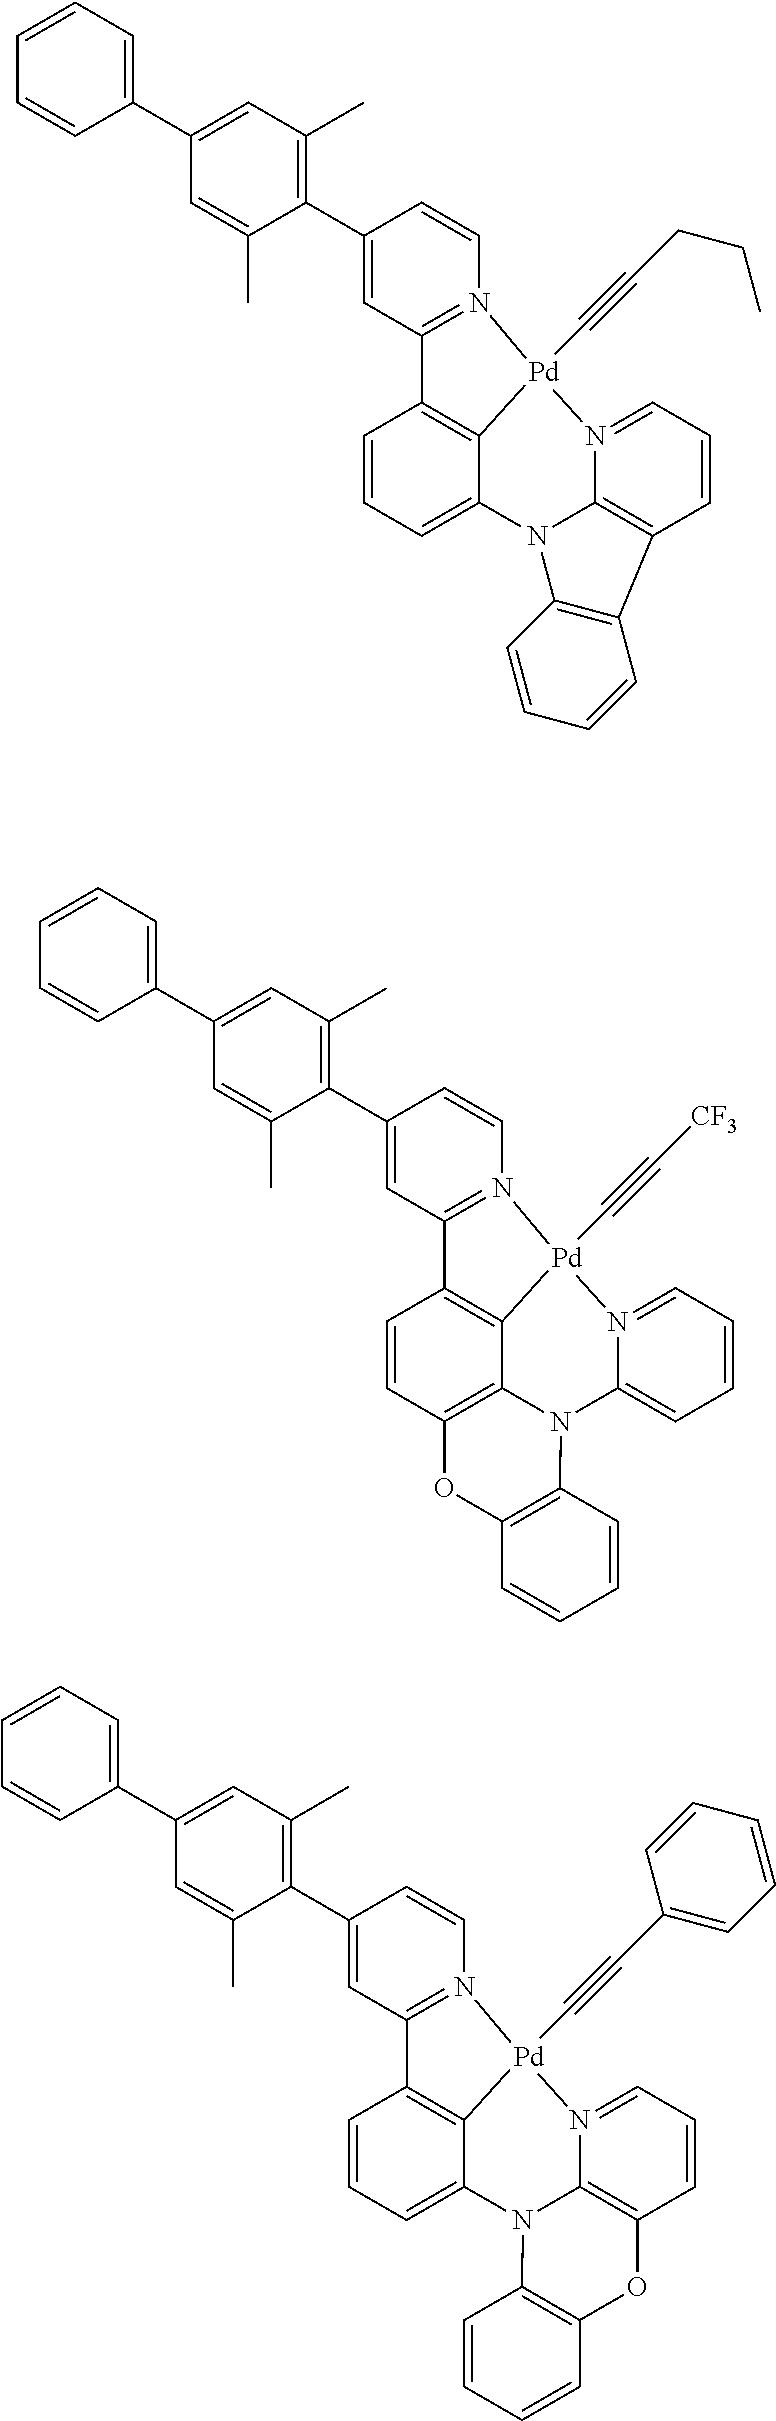 Figure US09818959-20171114-C00211